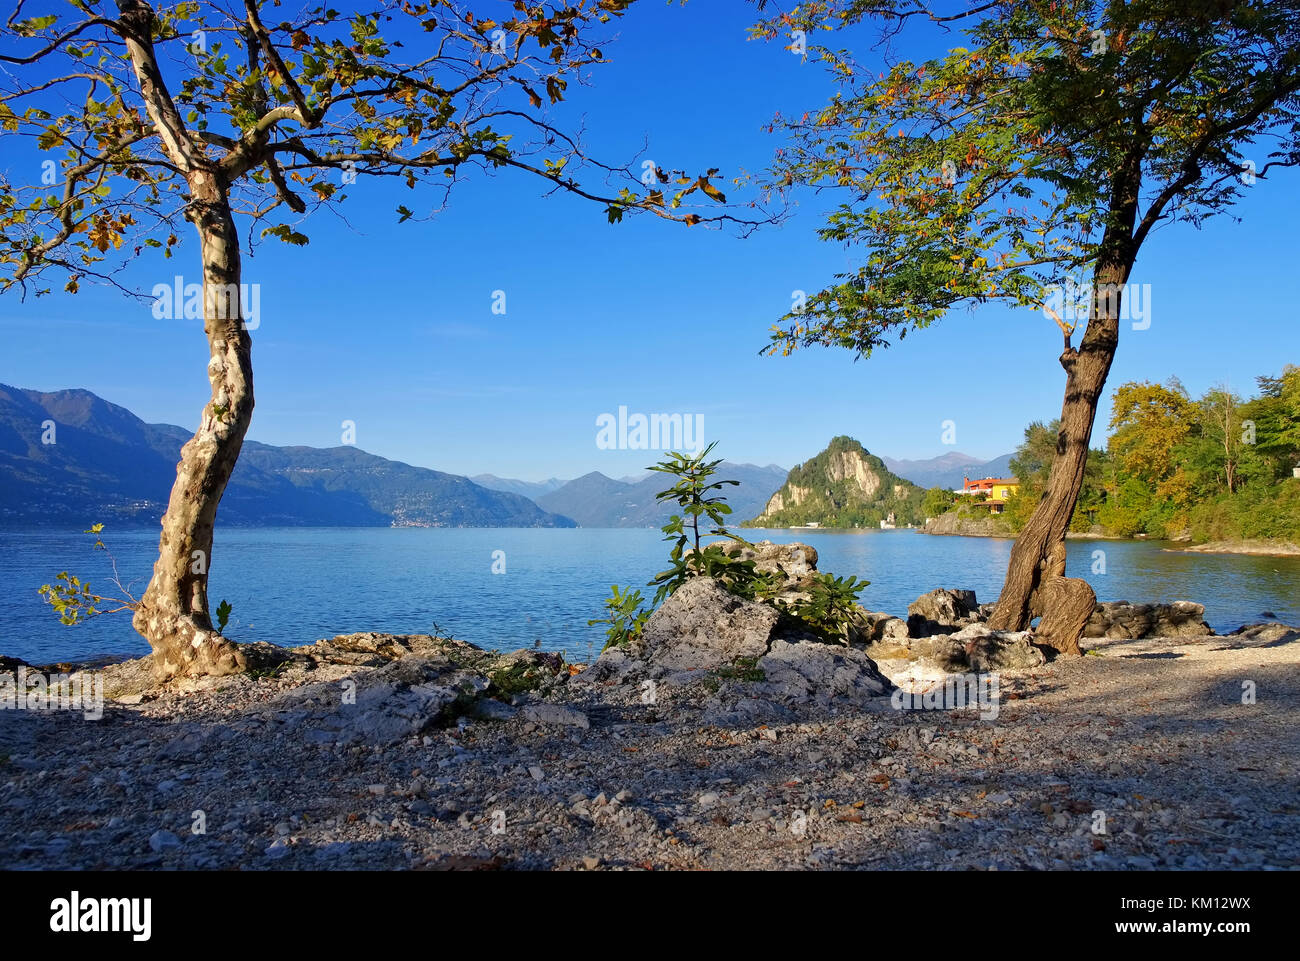 Matrimonio Spiaggia Lago Maggiore : Castelveccana spiaggia cinque arcate sul lago maggiore